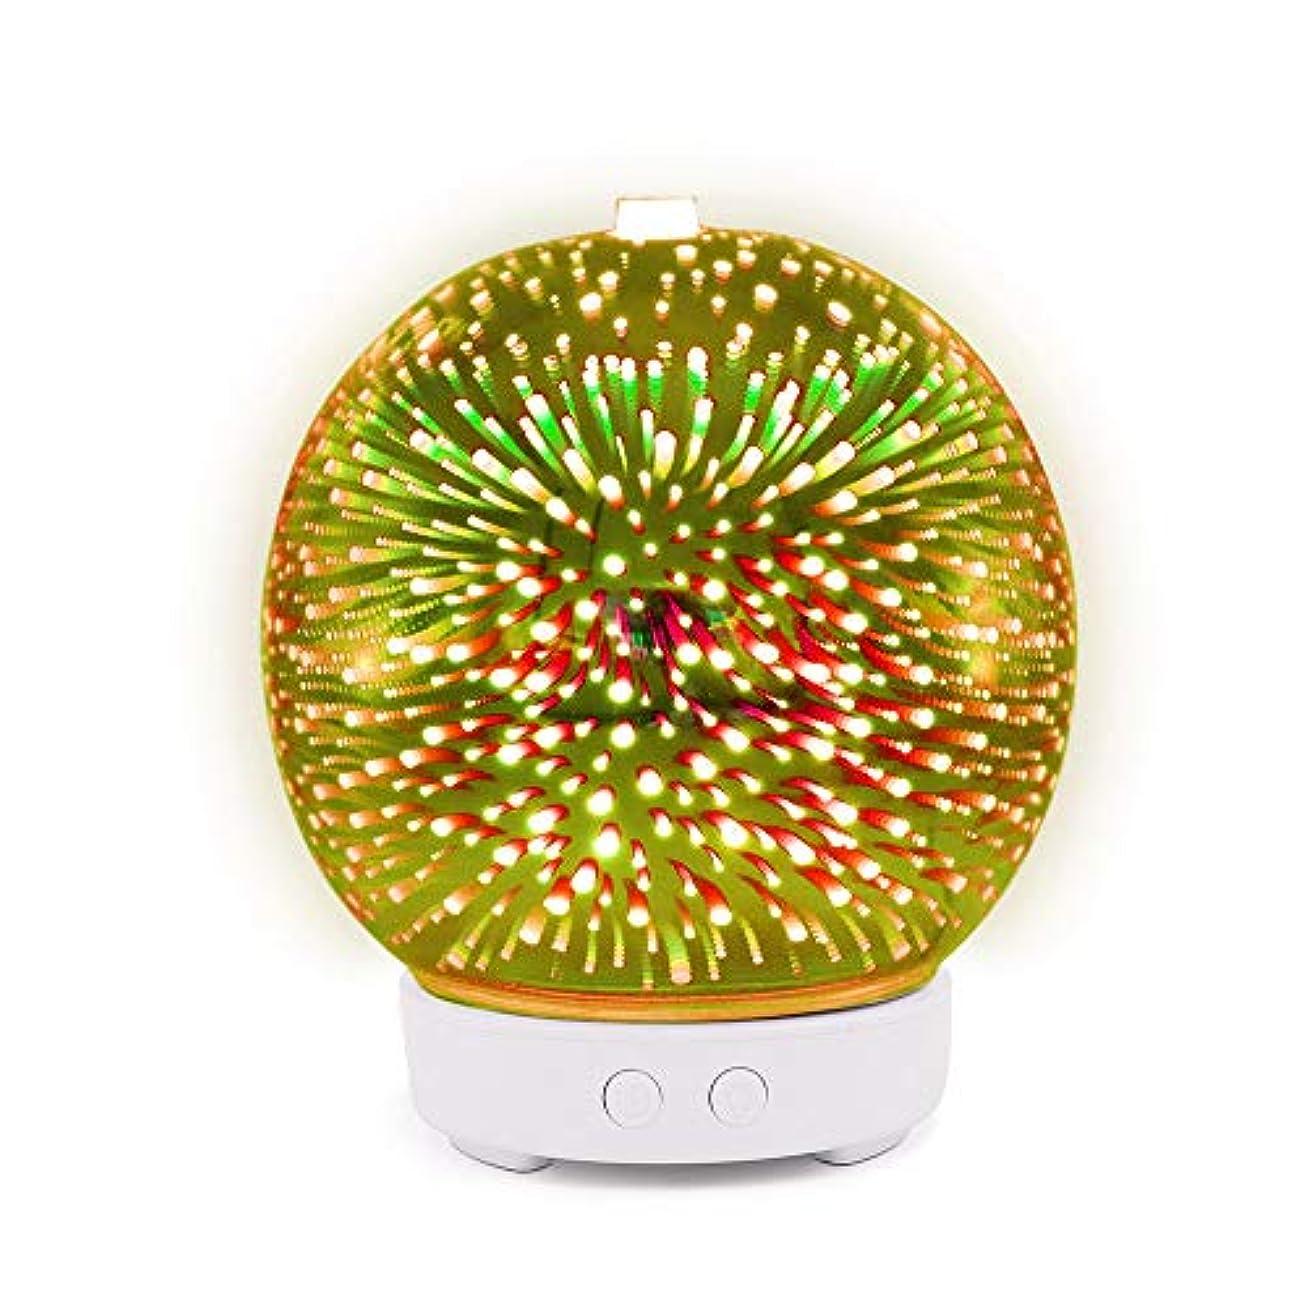 周囲成功した許容できるDecdeal アロマディフューザー 3D ガラス アロマセラピー 加湿器 7色LEDライト付き 自動シャットオフ